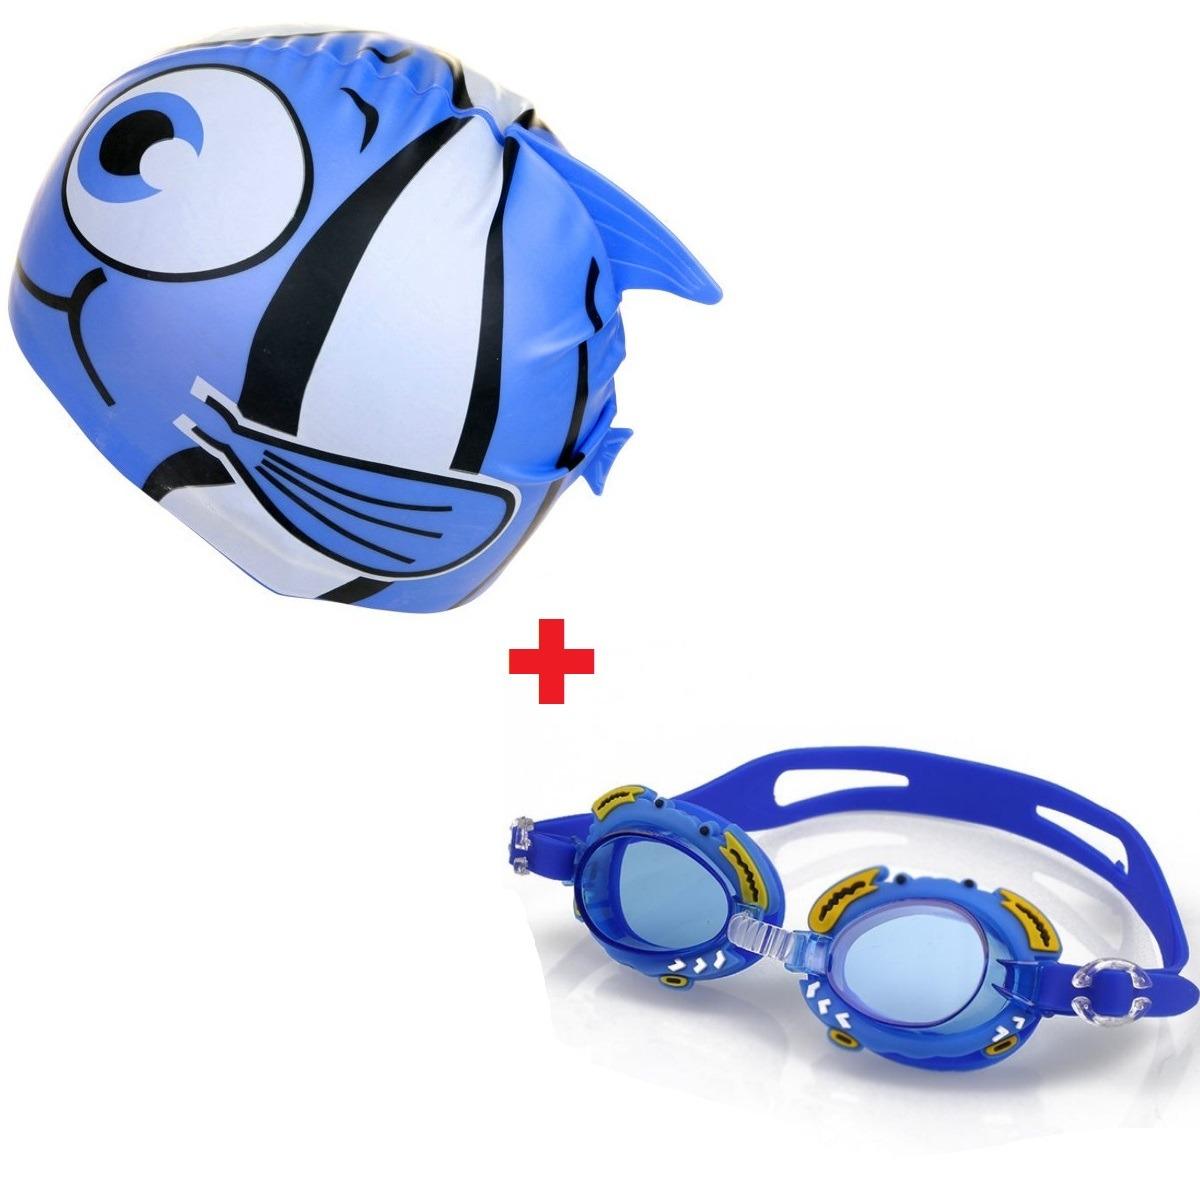 ae43938c4fdcc frete grátis touca infantil + óculos nadador infantil menina. Carregando  zoom.